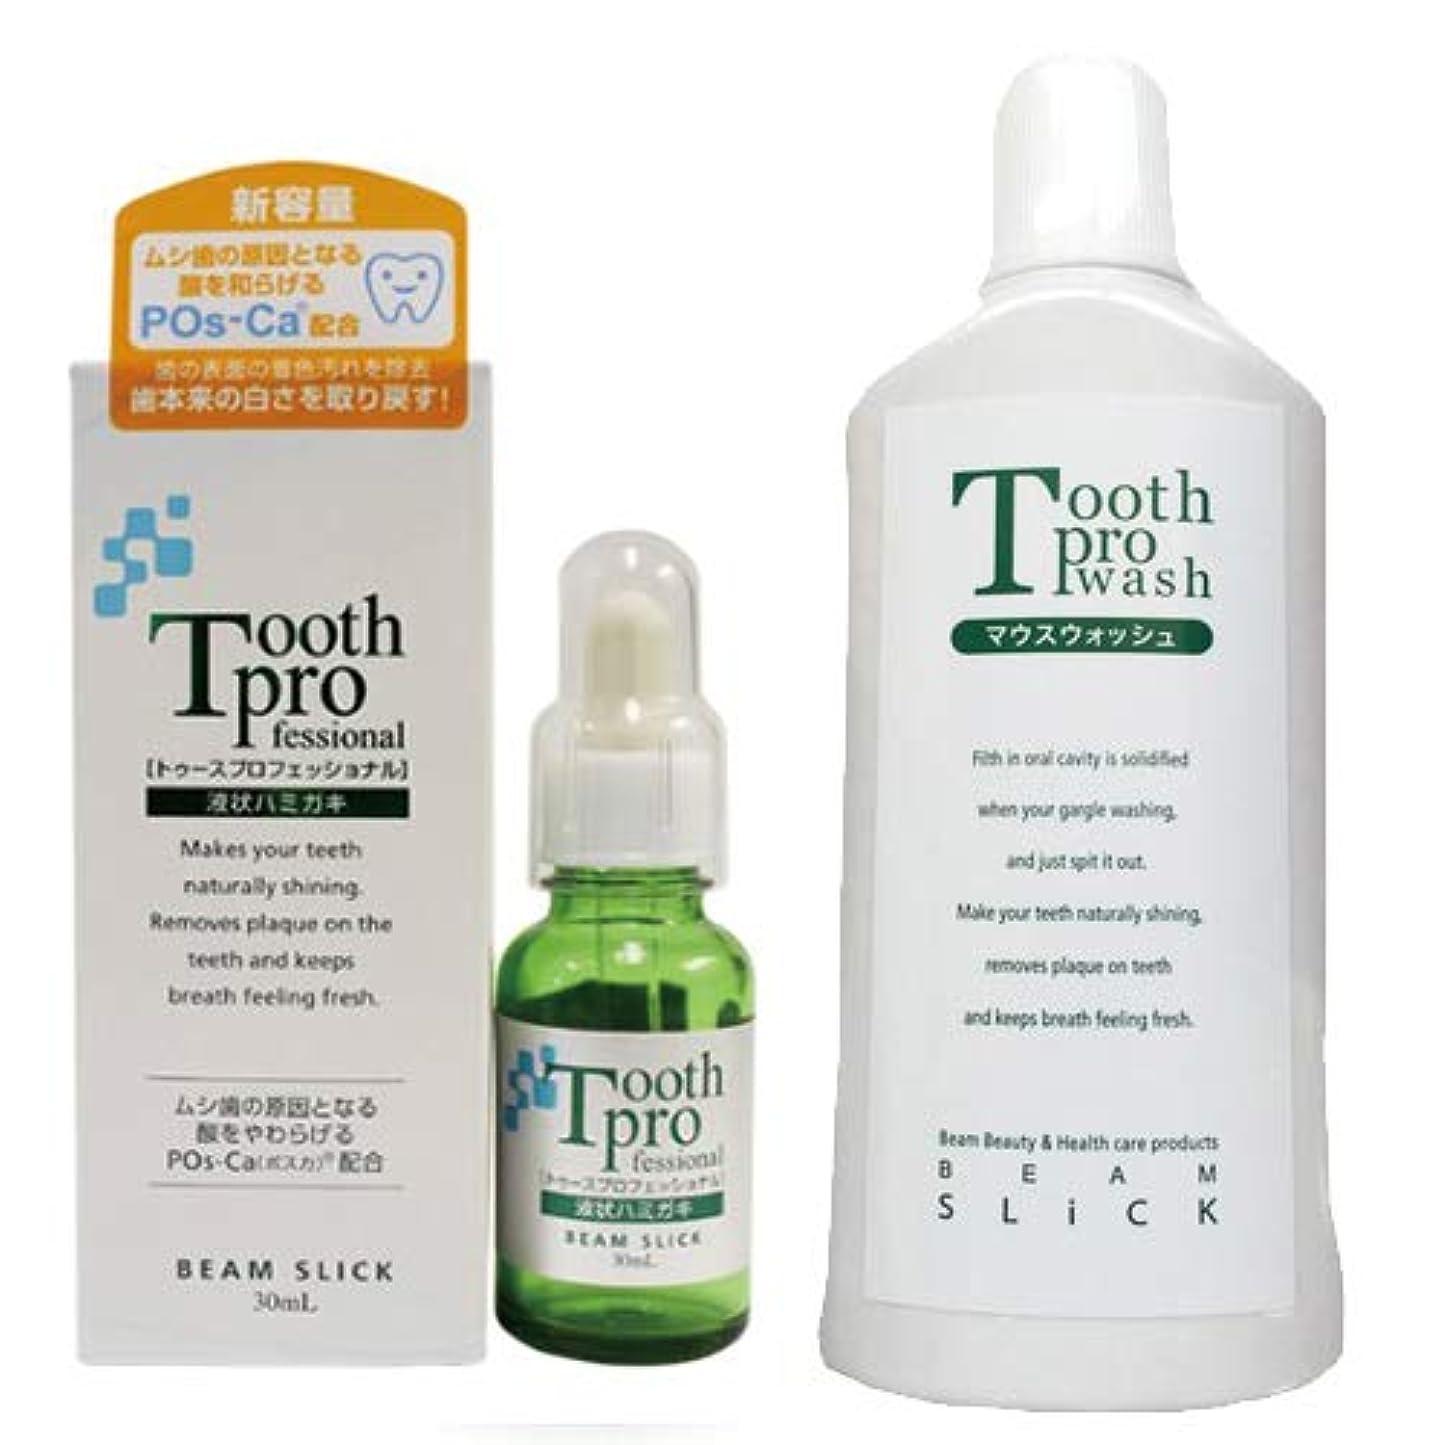 伝えるペデスタル朝トゥースプロウォッシュ(Tooth Pro wash)500mL + トゥースプロフェッショナル(tooth professional) 30mL セット